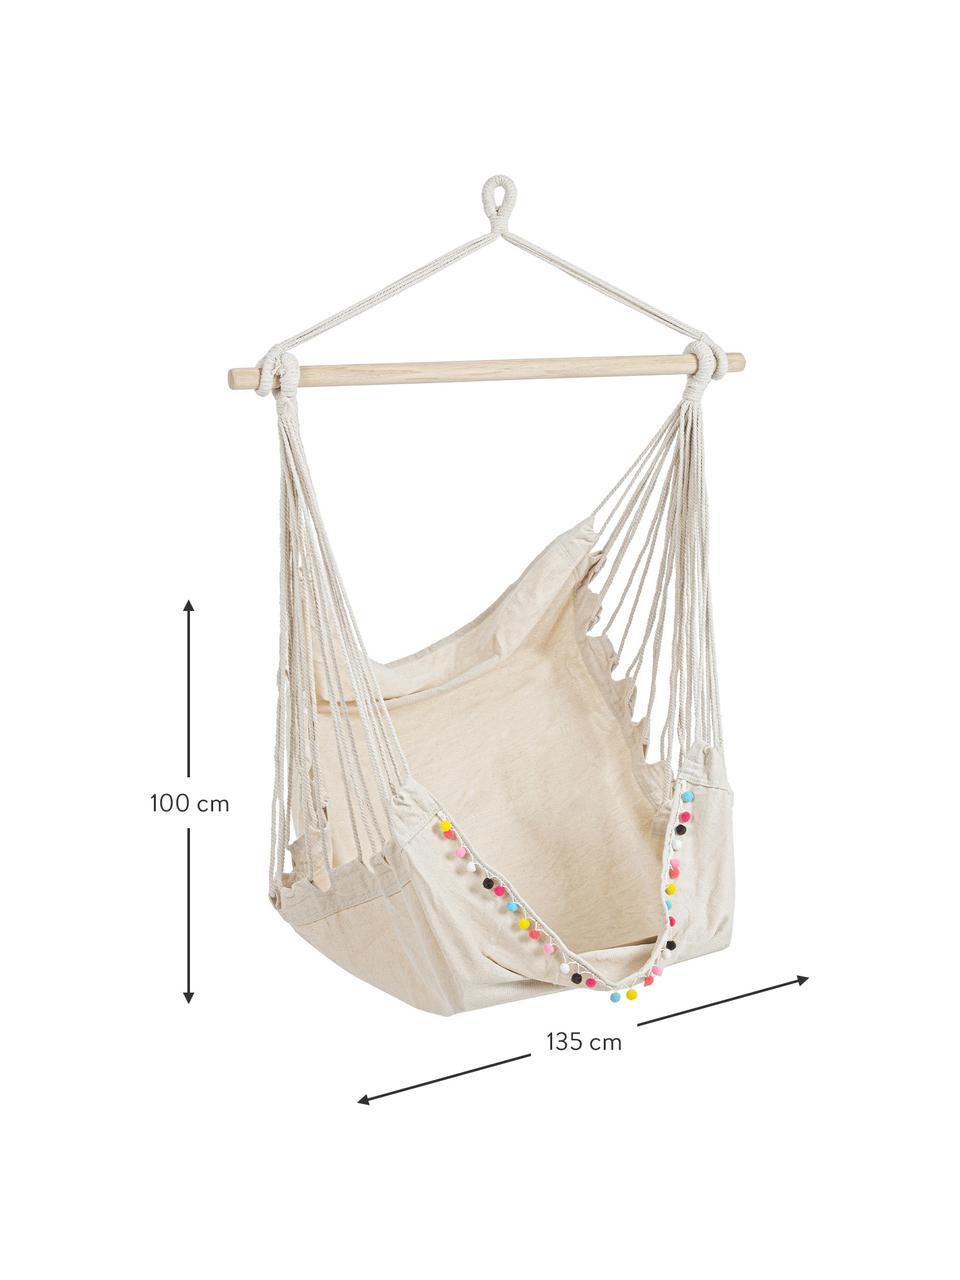 Hangstoel Pon-Pon met gekleurde pompoms, Frame: hardhout, Zitvlak: 65% katoen, 35% polyester, Gebroken wit, 135 x 100 cm